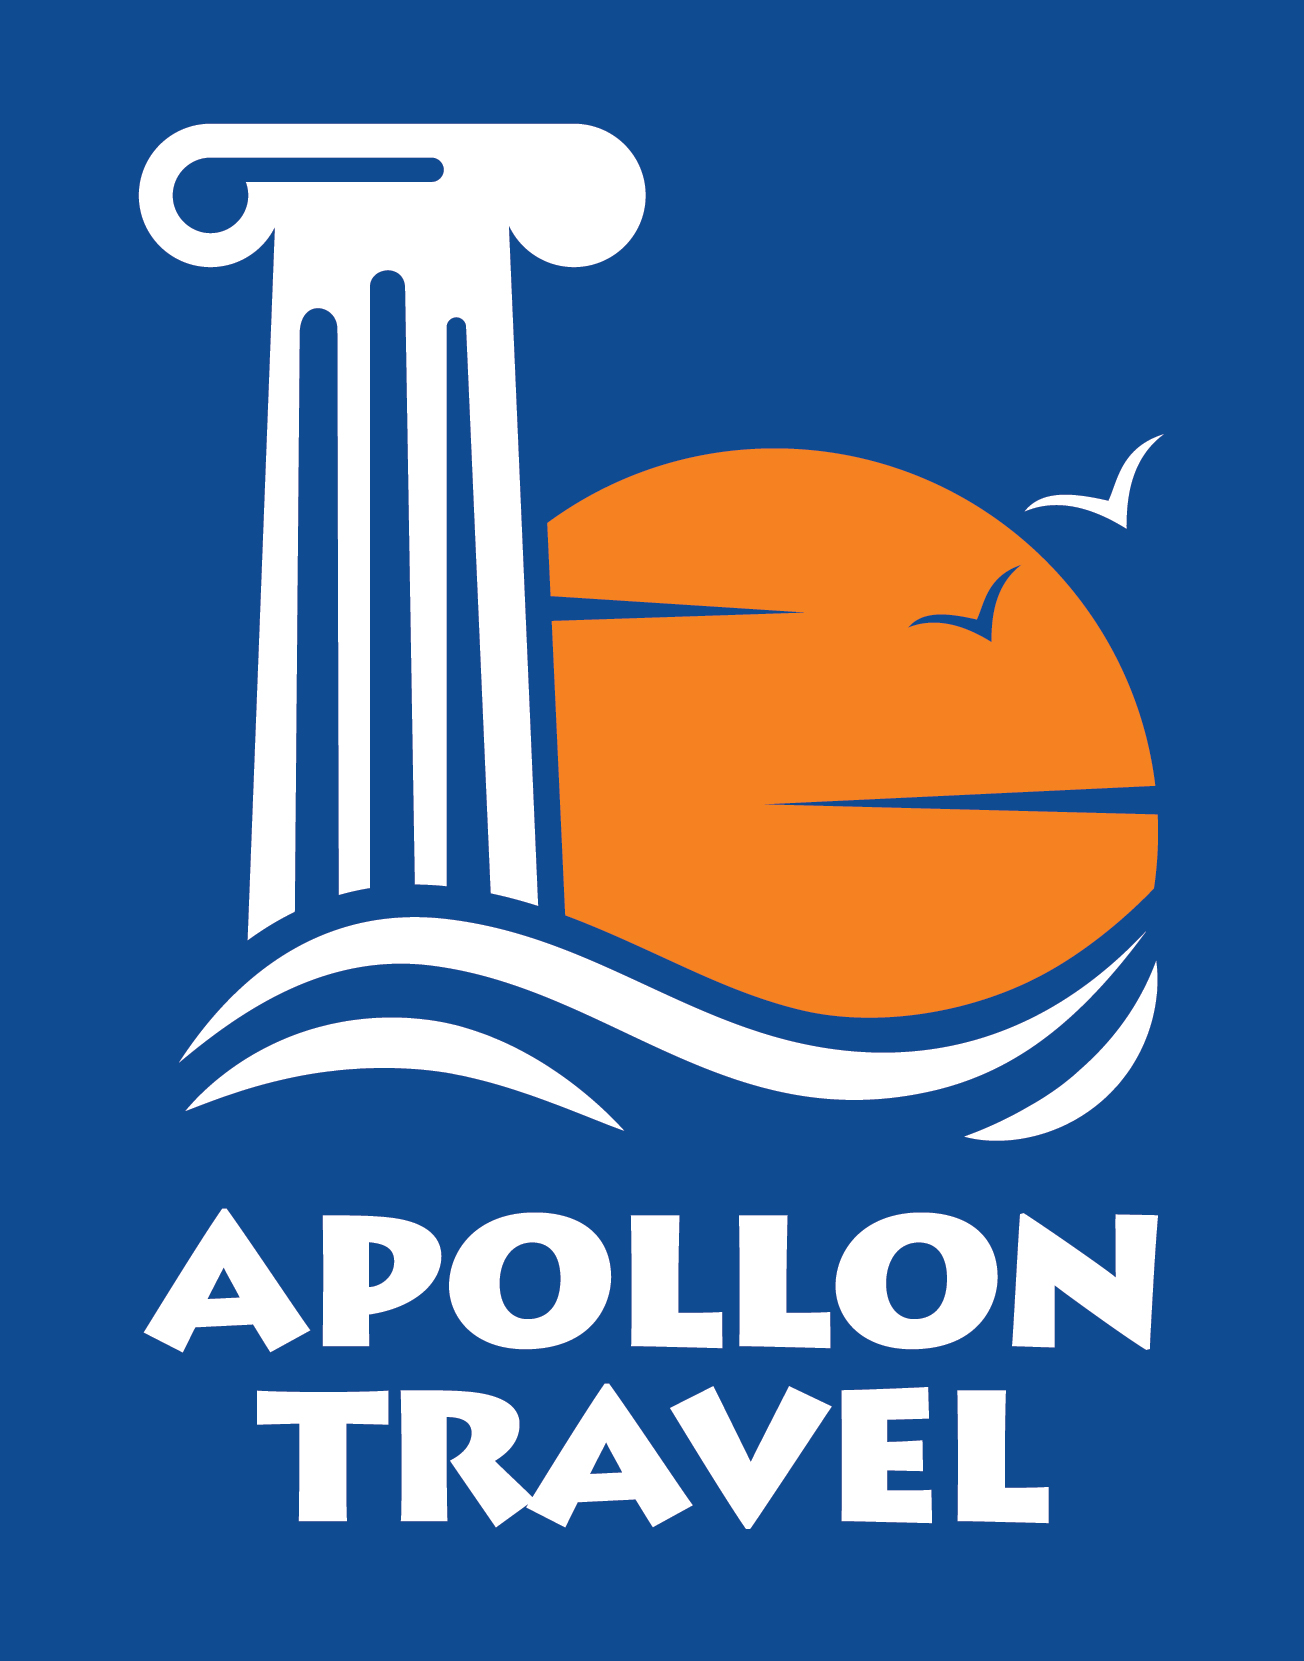 apollon logo